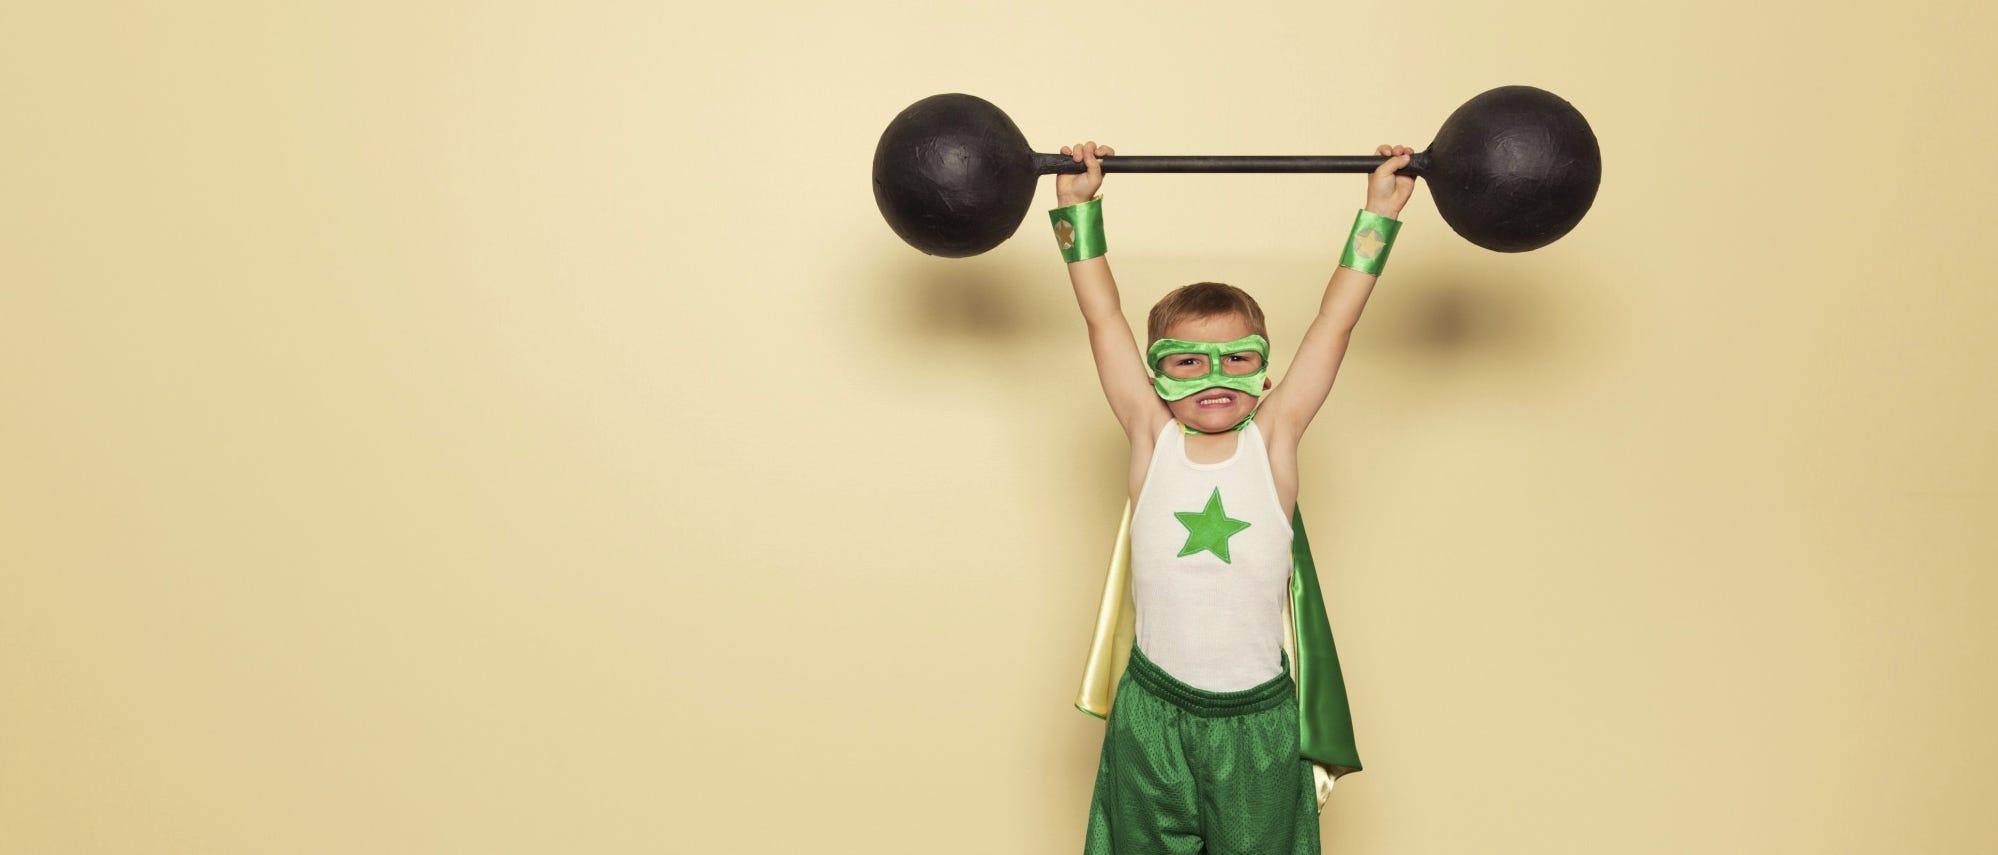 Comment Fonctionne L Autodiscipline Et Pourquoi C Est